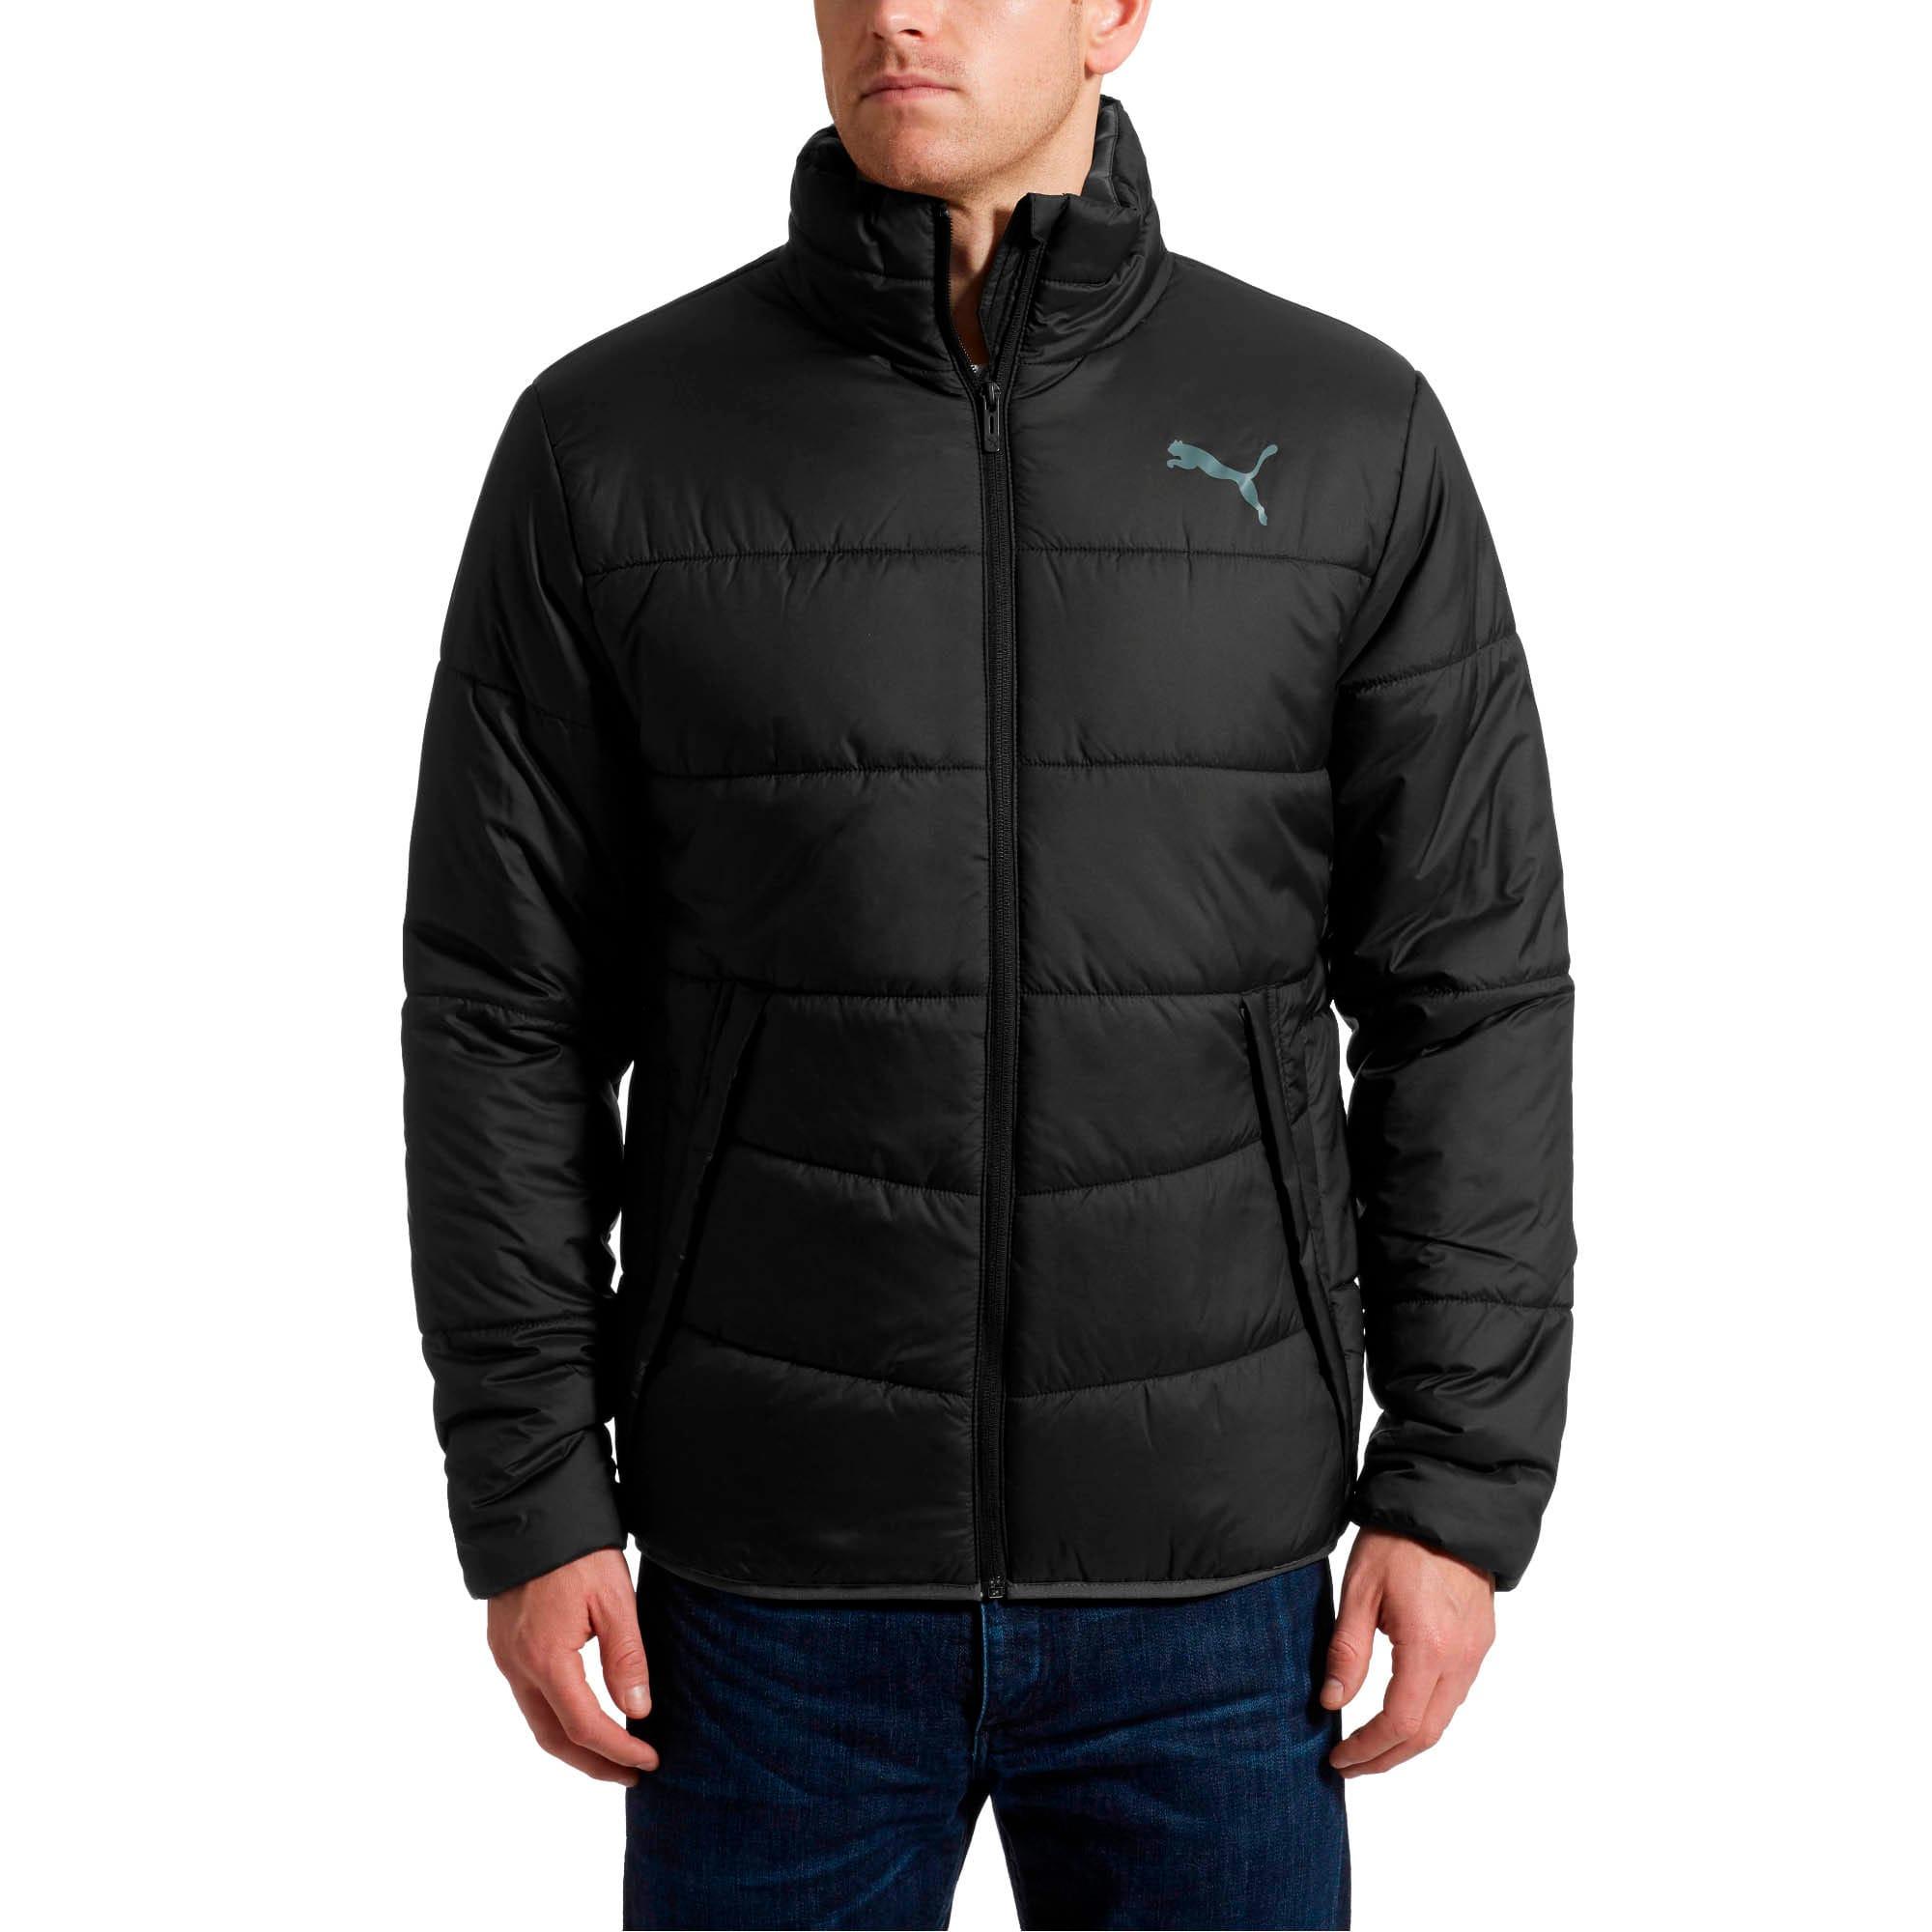 Thumbnail 2 of ESS Padded Jacket, Puma Black, medium